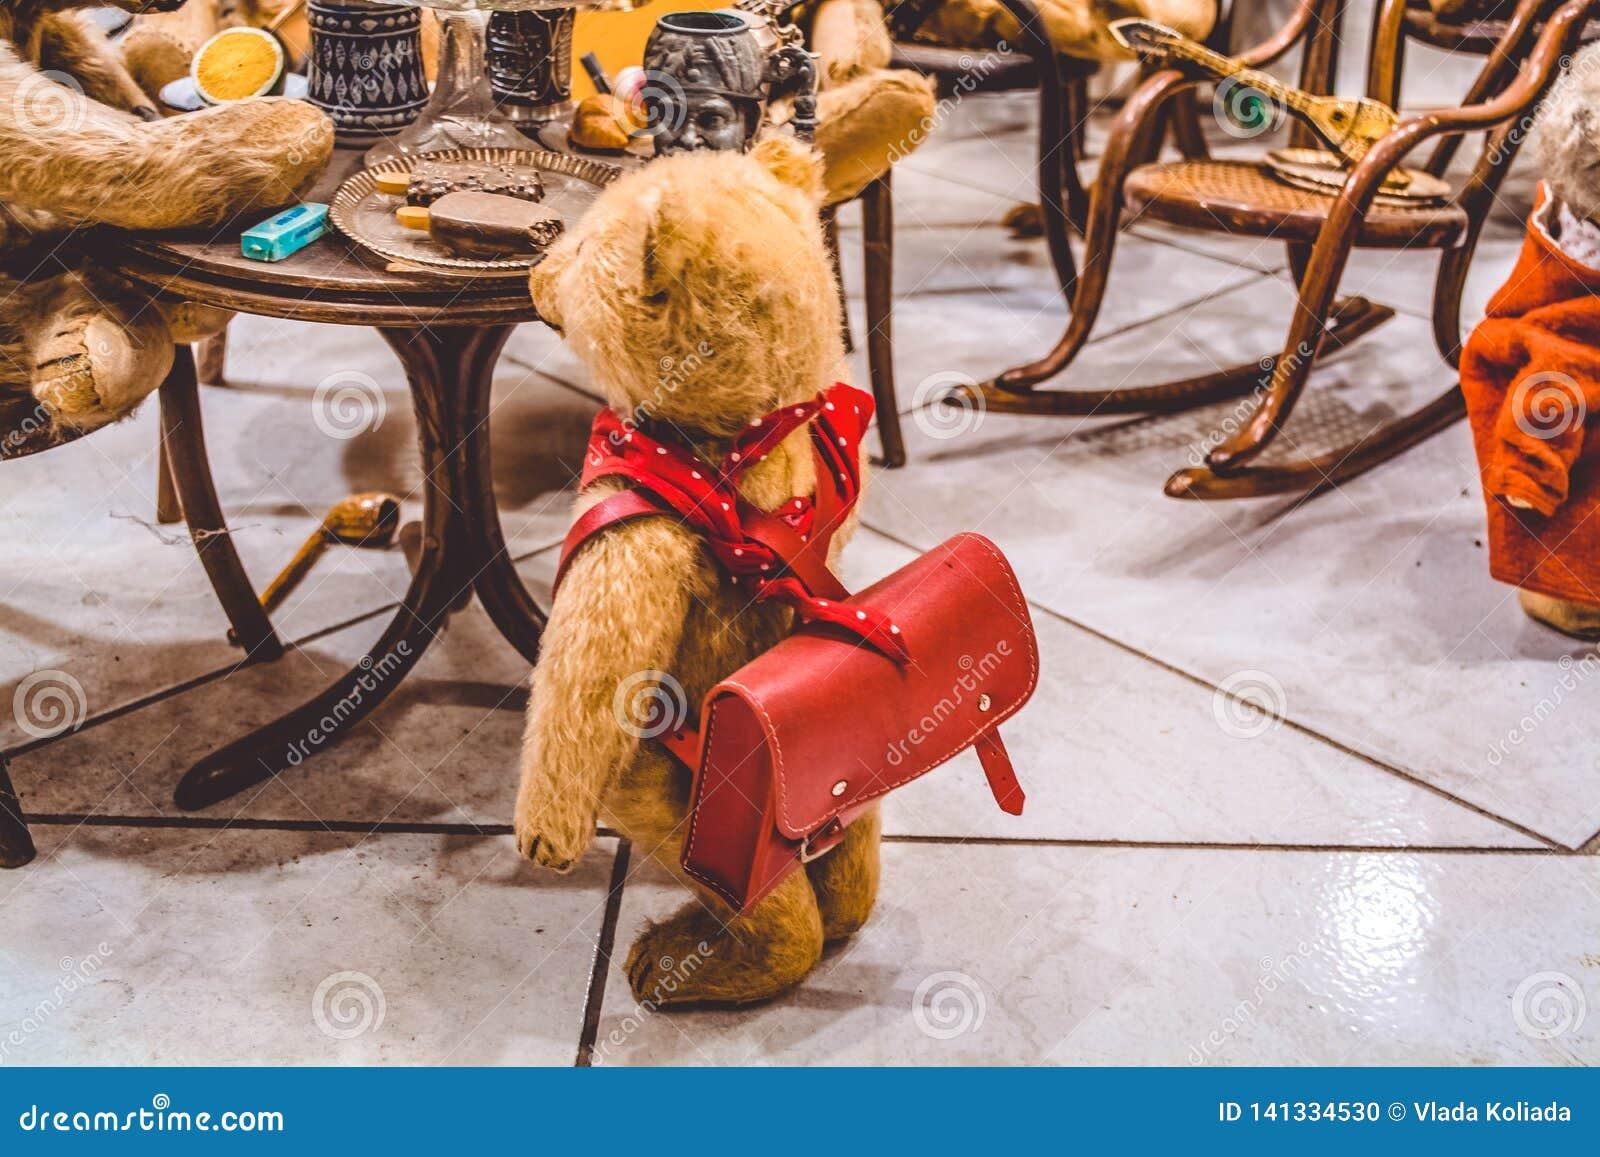 Zitten de Teddy bruine beren bij een lijst en eten roomijs, en naderen hen het jonge geitje met een rugzak Tentoonstelling van sp